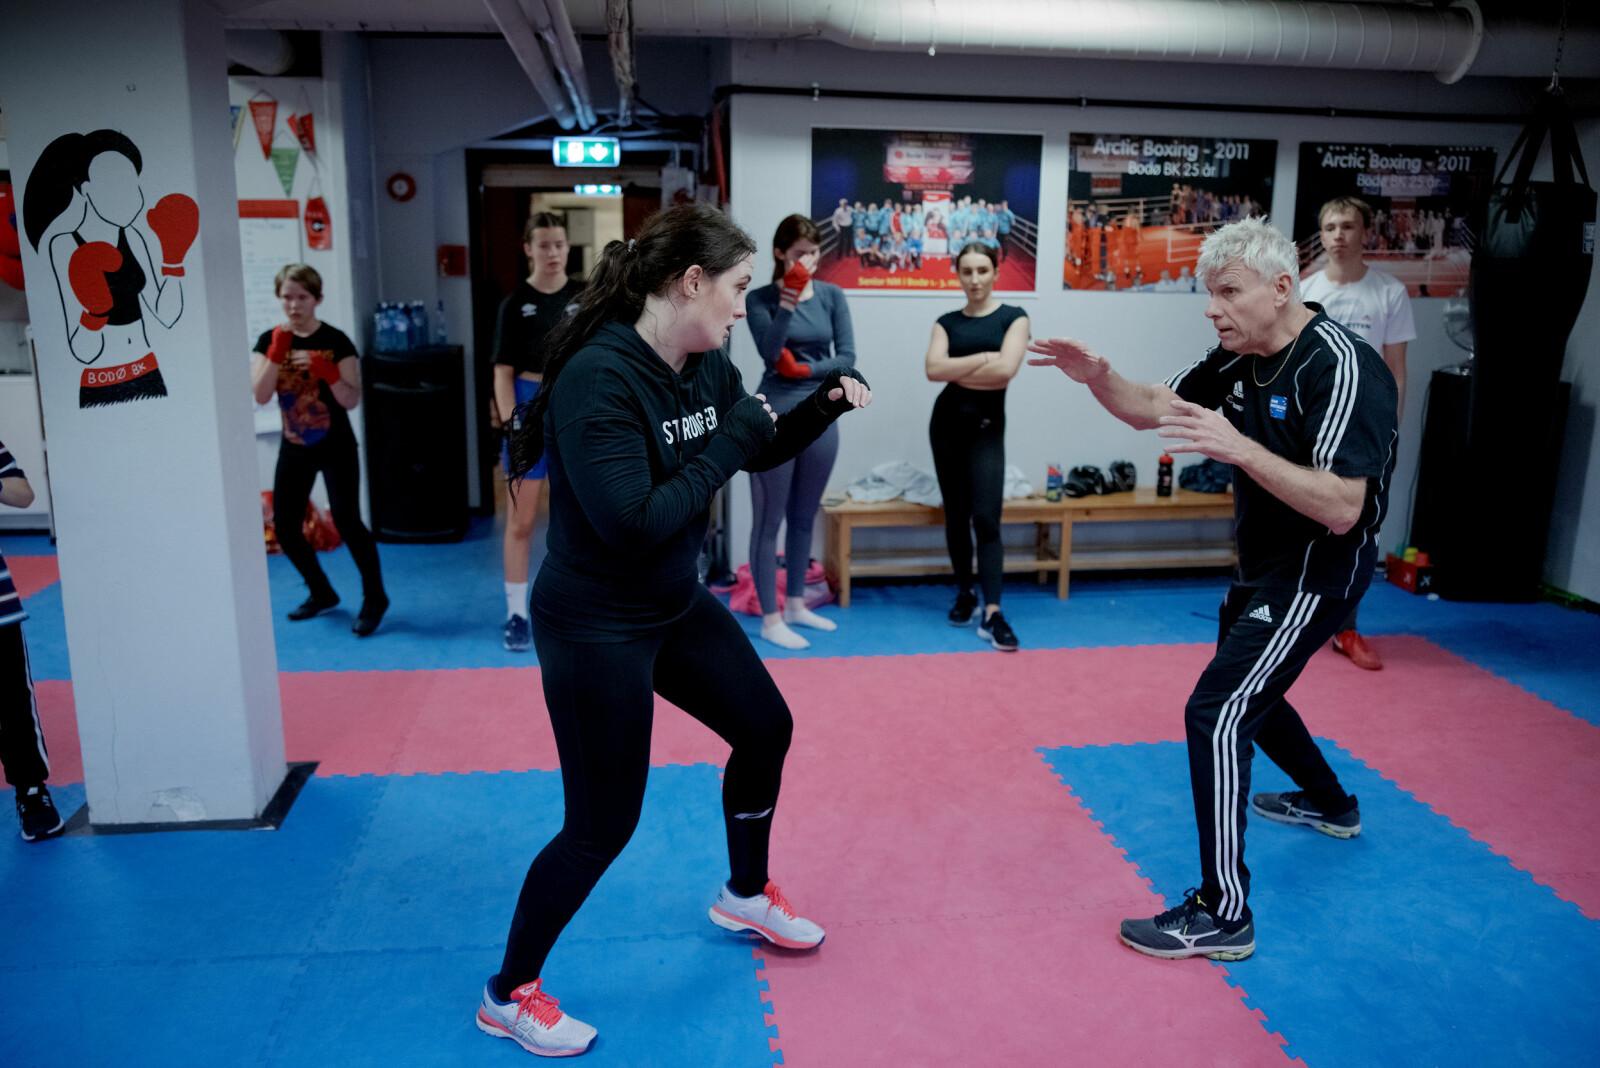 Jan Myhre var med å stifte bokseklubben i 1986, og gav frå første stunde blaffen i om boksarane var jenter eller gutar - så lenge dei var villege til å stå på. Han er fortsatt Anne Tjønndals trenar som han har vore sidan ho begynte.